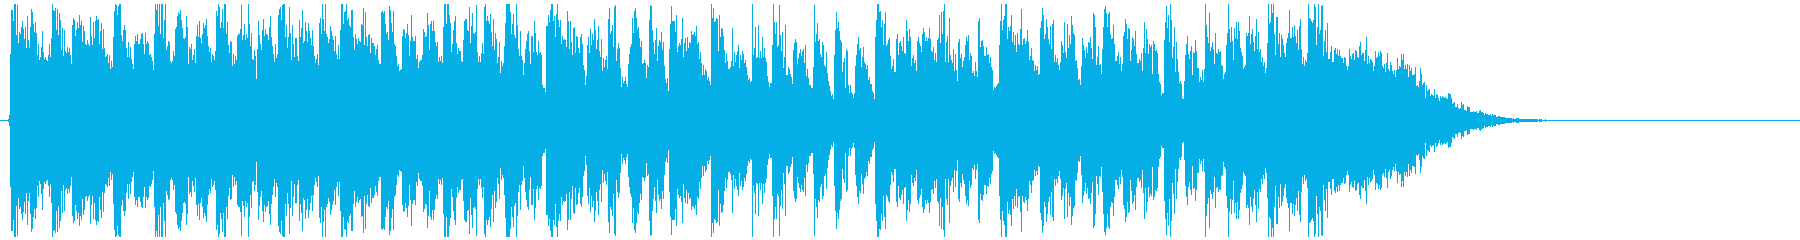 デジタル系ドラムンベース◆15秒ジングルの再生済みの波形